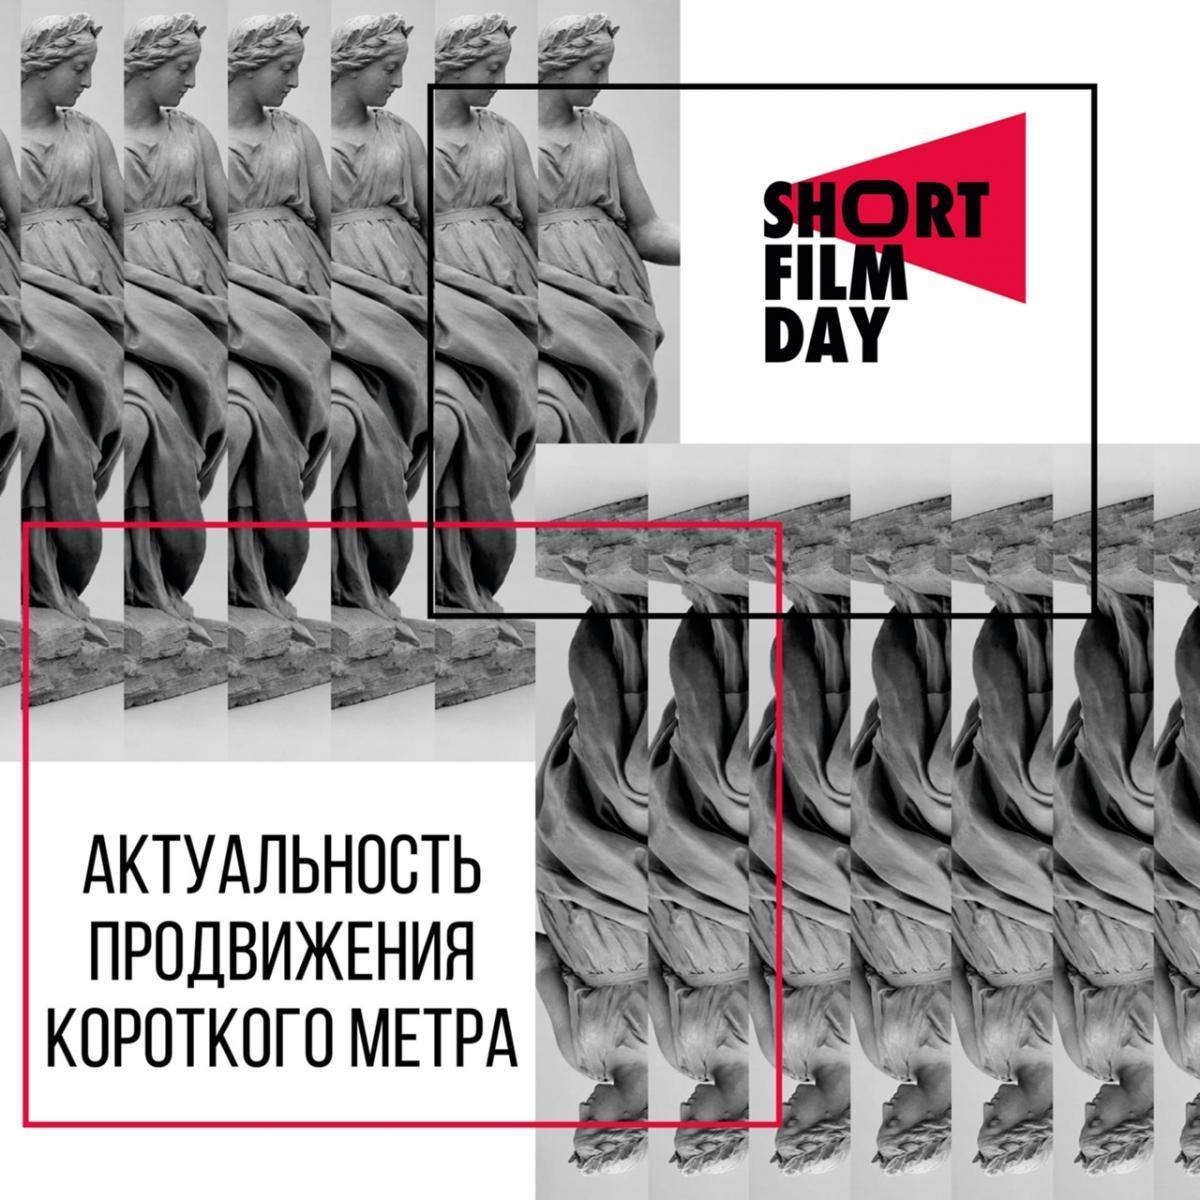 Институт Современного Искусства на всероссийской акции «День короткометражного кино 2020»